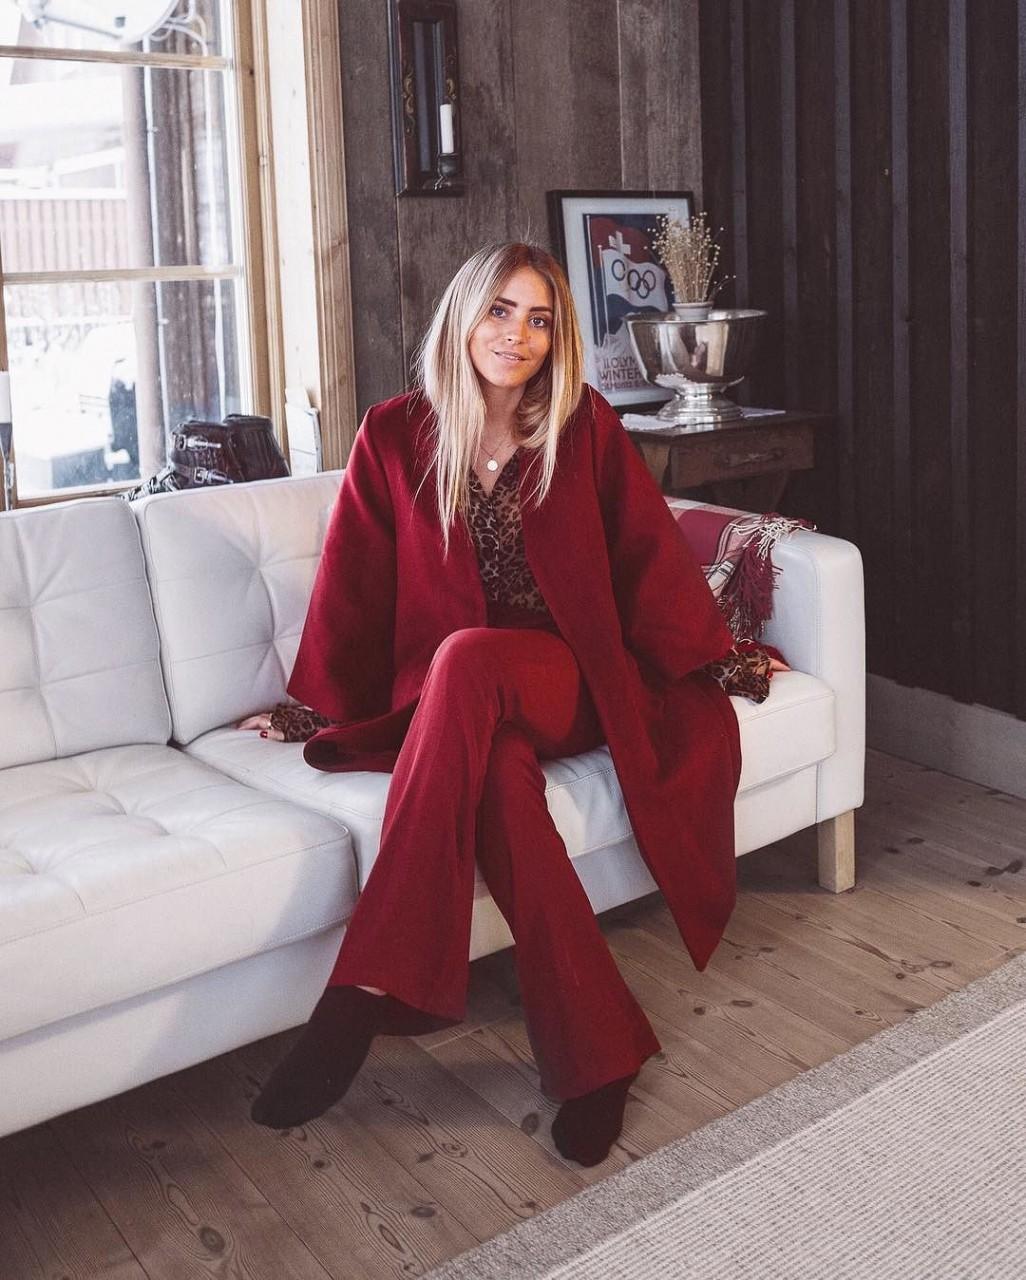 Моника Беллуччи, Кейт Босуорт и другие звездные поклонницы брючных костюмов